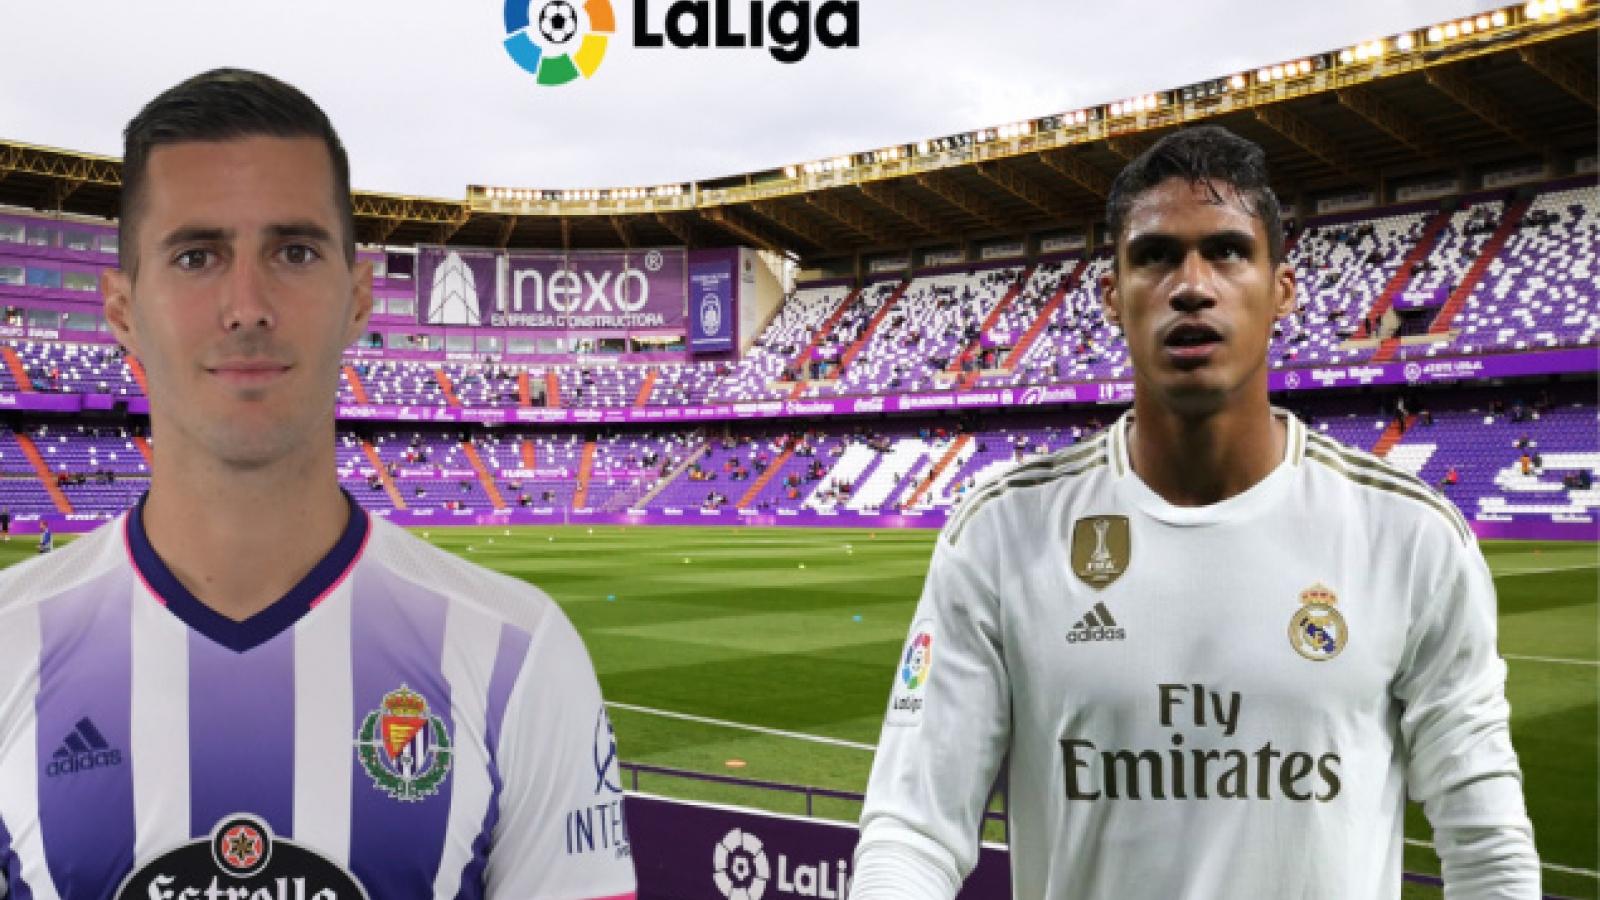 Dự đoán kết quả, đội hình xuất phát trận Valladolid vs Real Madrid